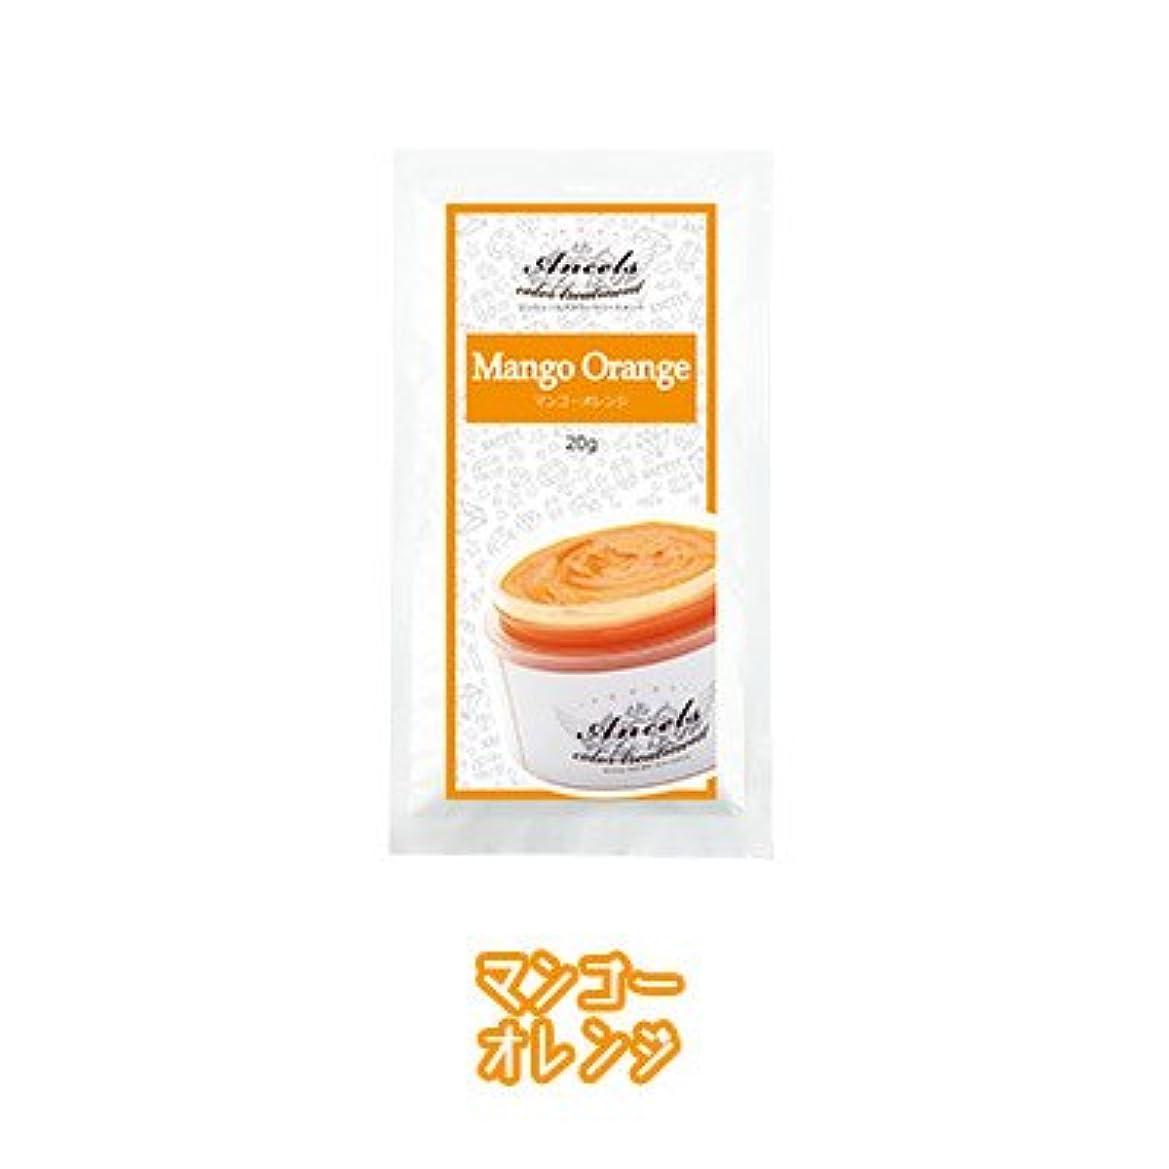 真面目な司書配列エンシェールズ カラートリートメントバター プチ(お試しサイズ) マンゴーオレンジ 20g